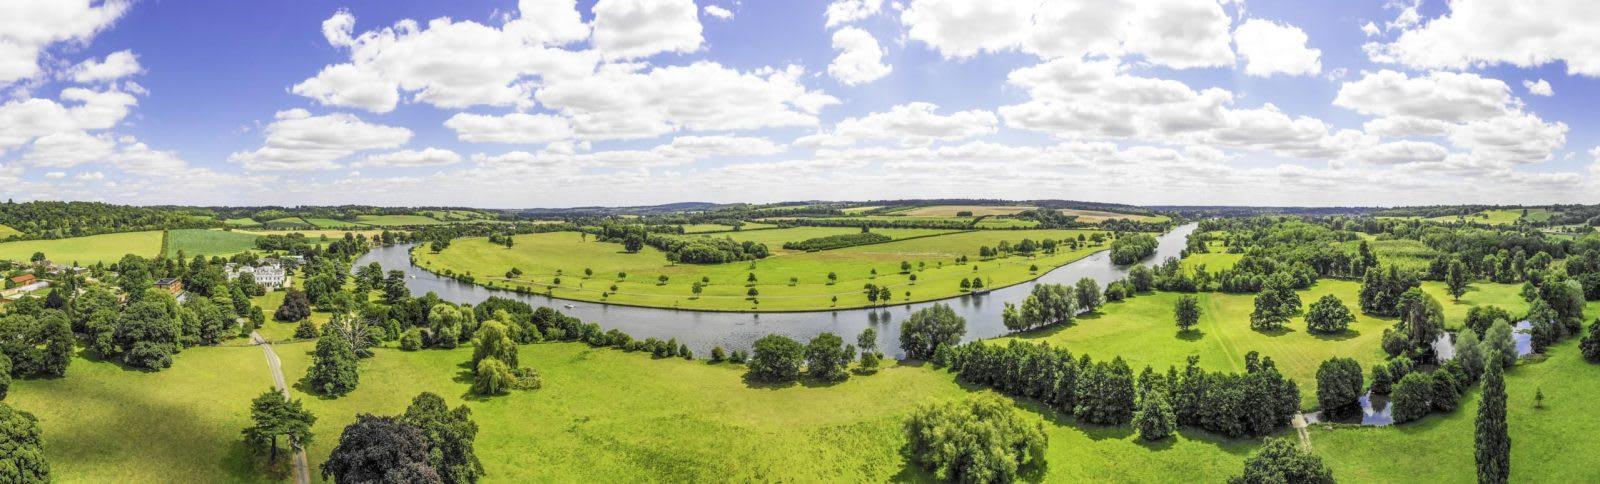 Great Estates: Culden Faw 2k, 5k, & 10k